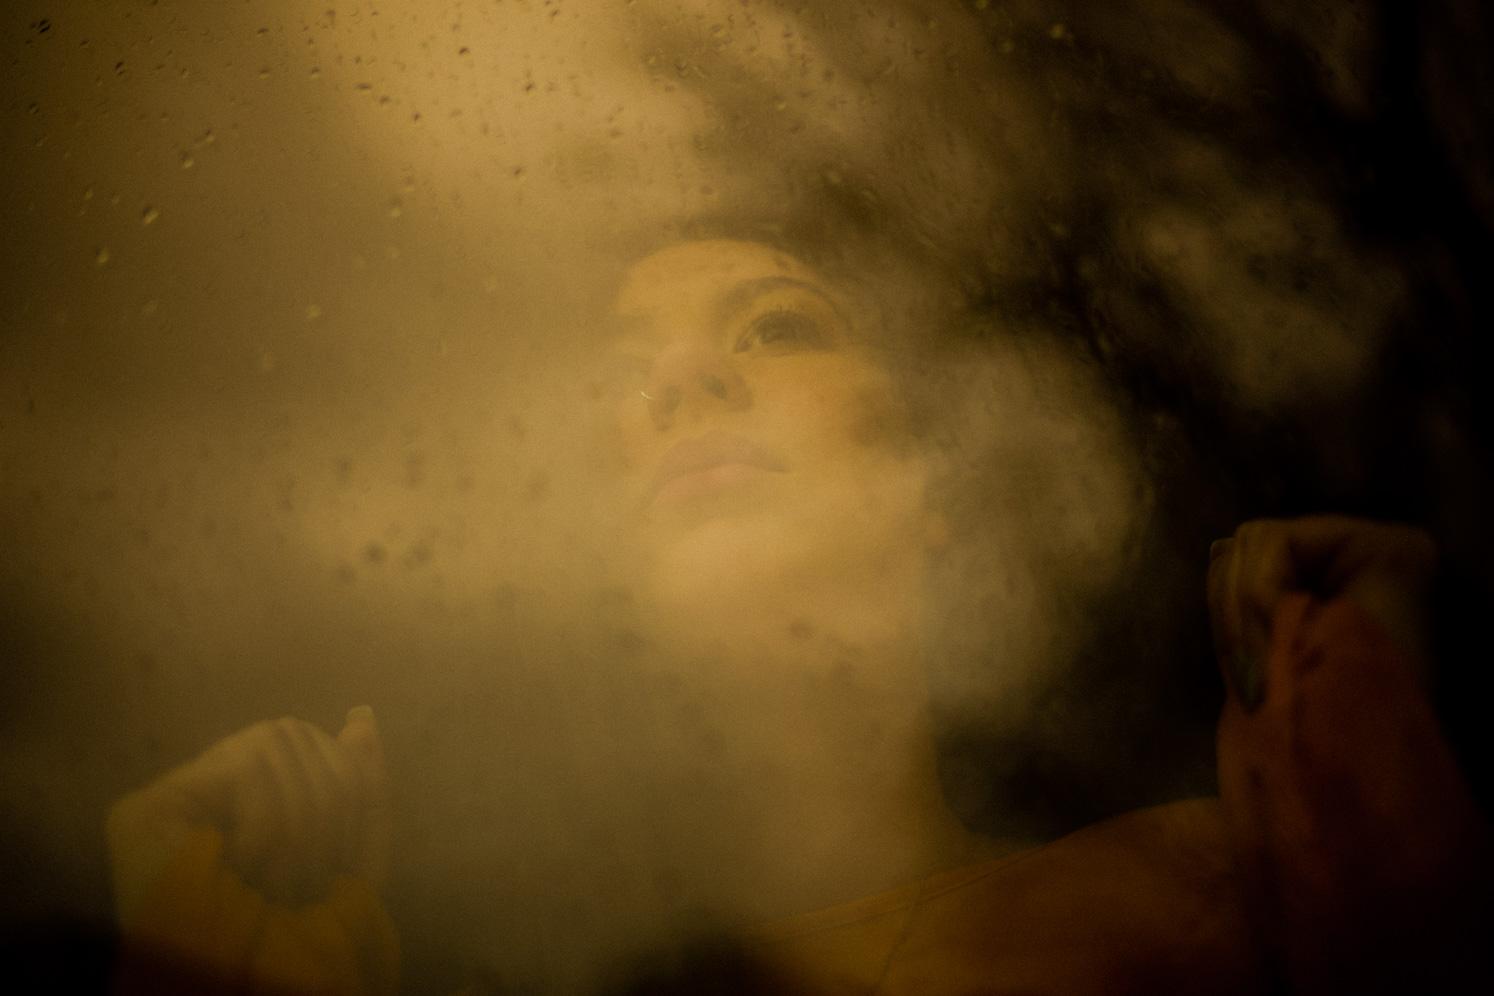 Frau blickt durch ein Fenster nach draußen